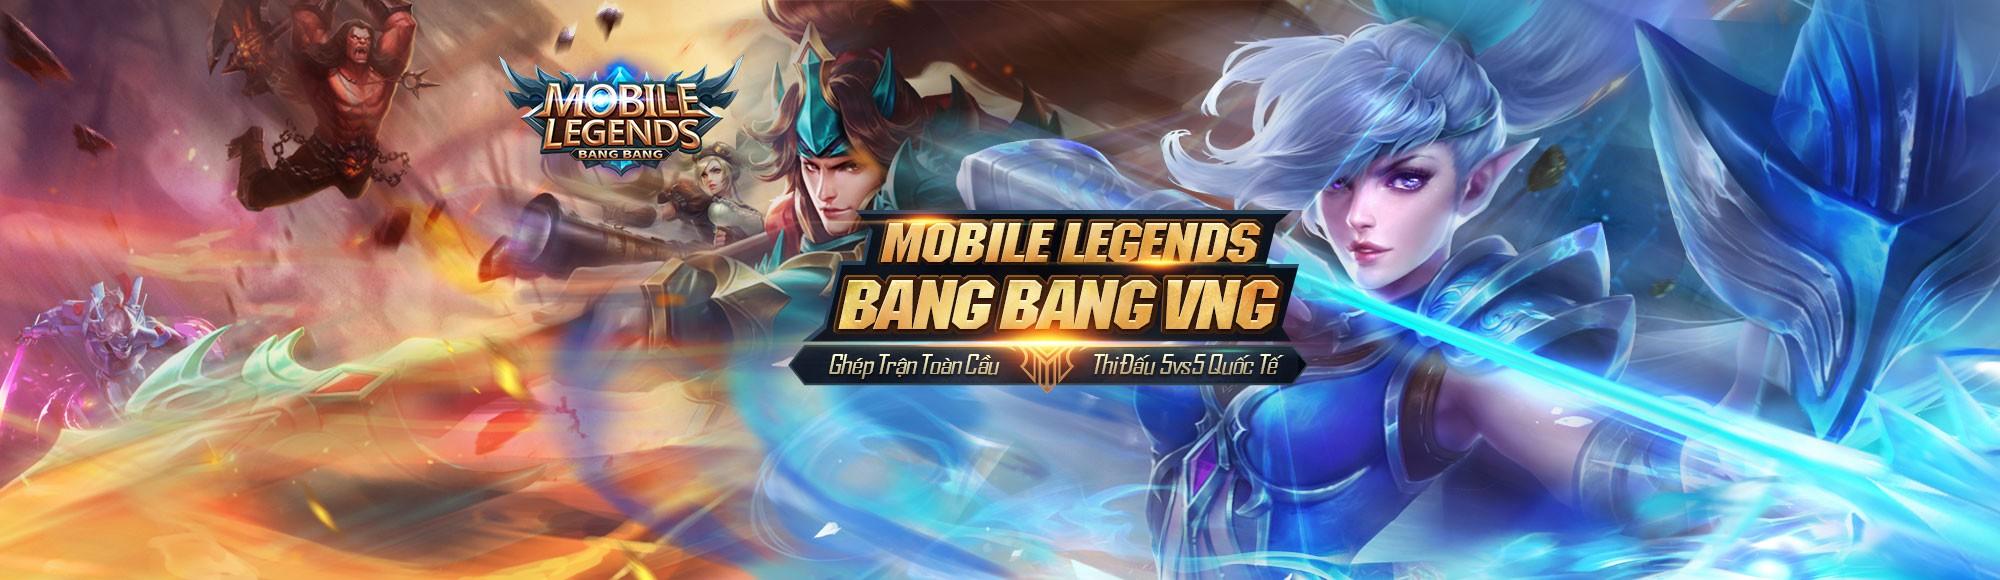 VNG: Từ những bước đi eSports sơ khởi đến 'bom tấn' Mobile Legends: Bang Bang - Ảnh 4.